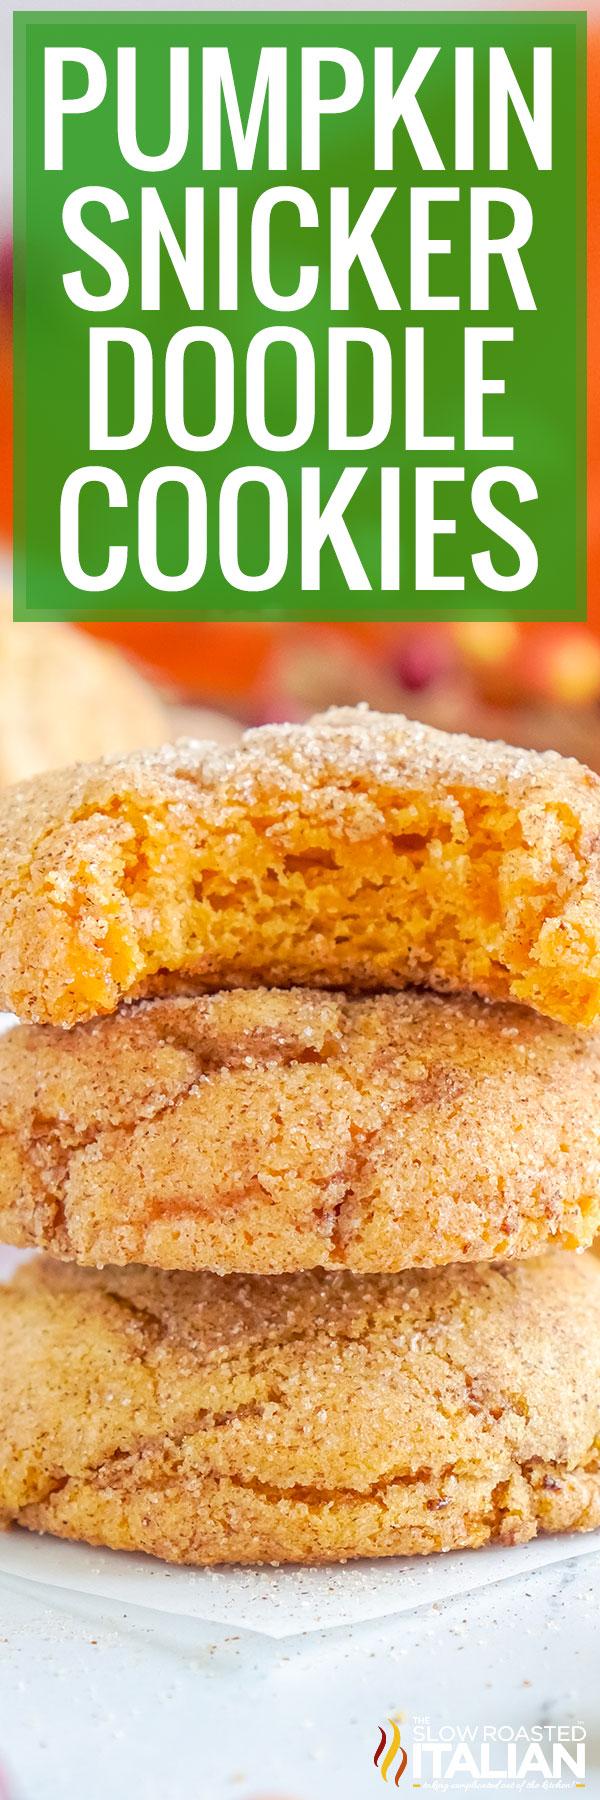 Pumpkin Snickerdoodle Cookies closeup